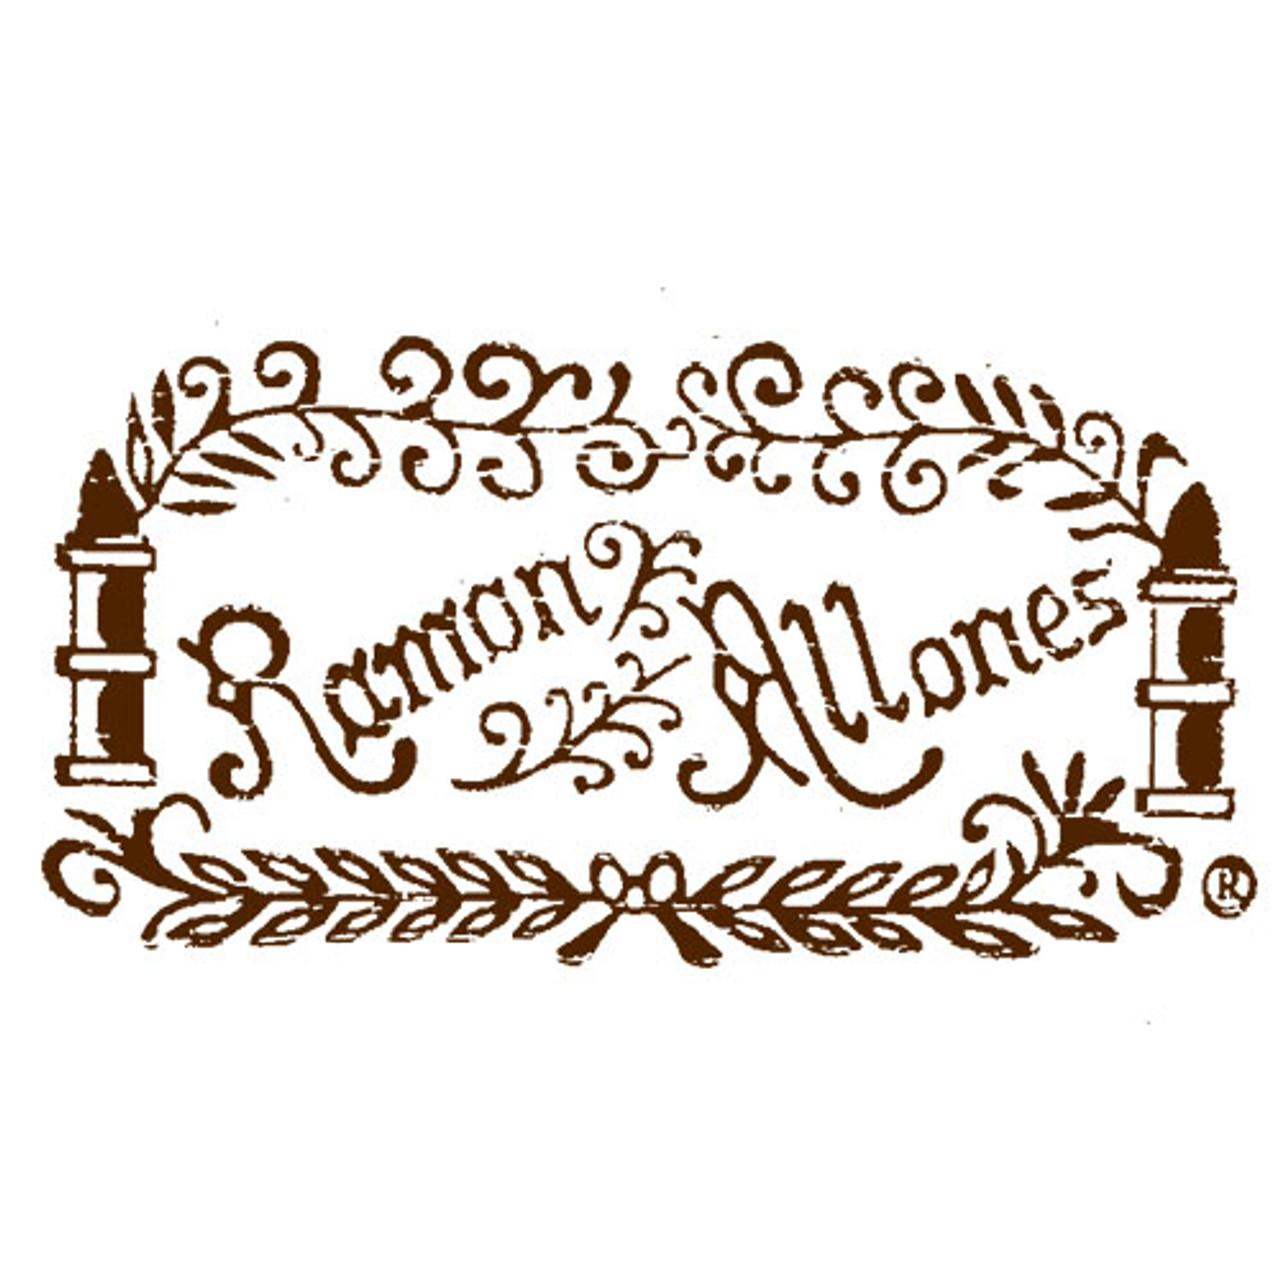 Ramon Allones Private Label 5554 Cigars - 5.5 x 54 (Box of 20)